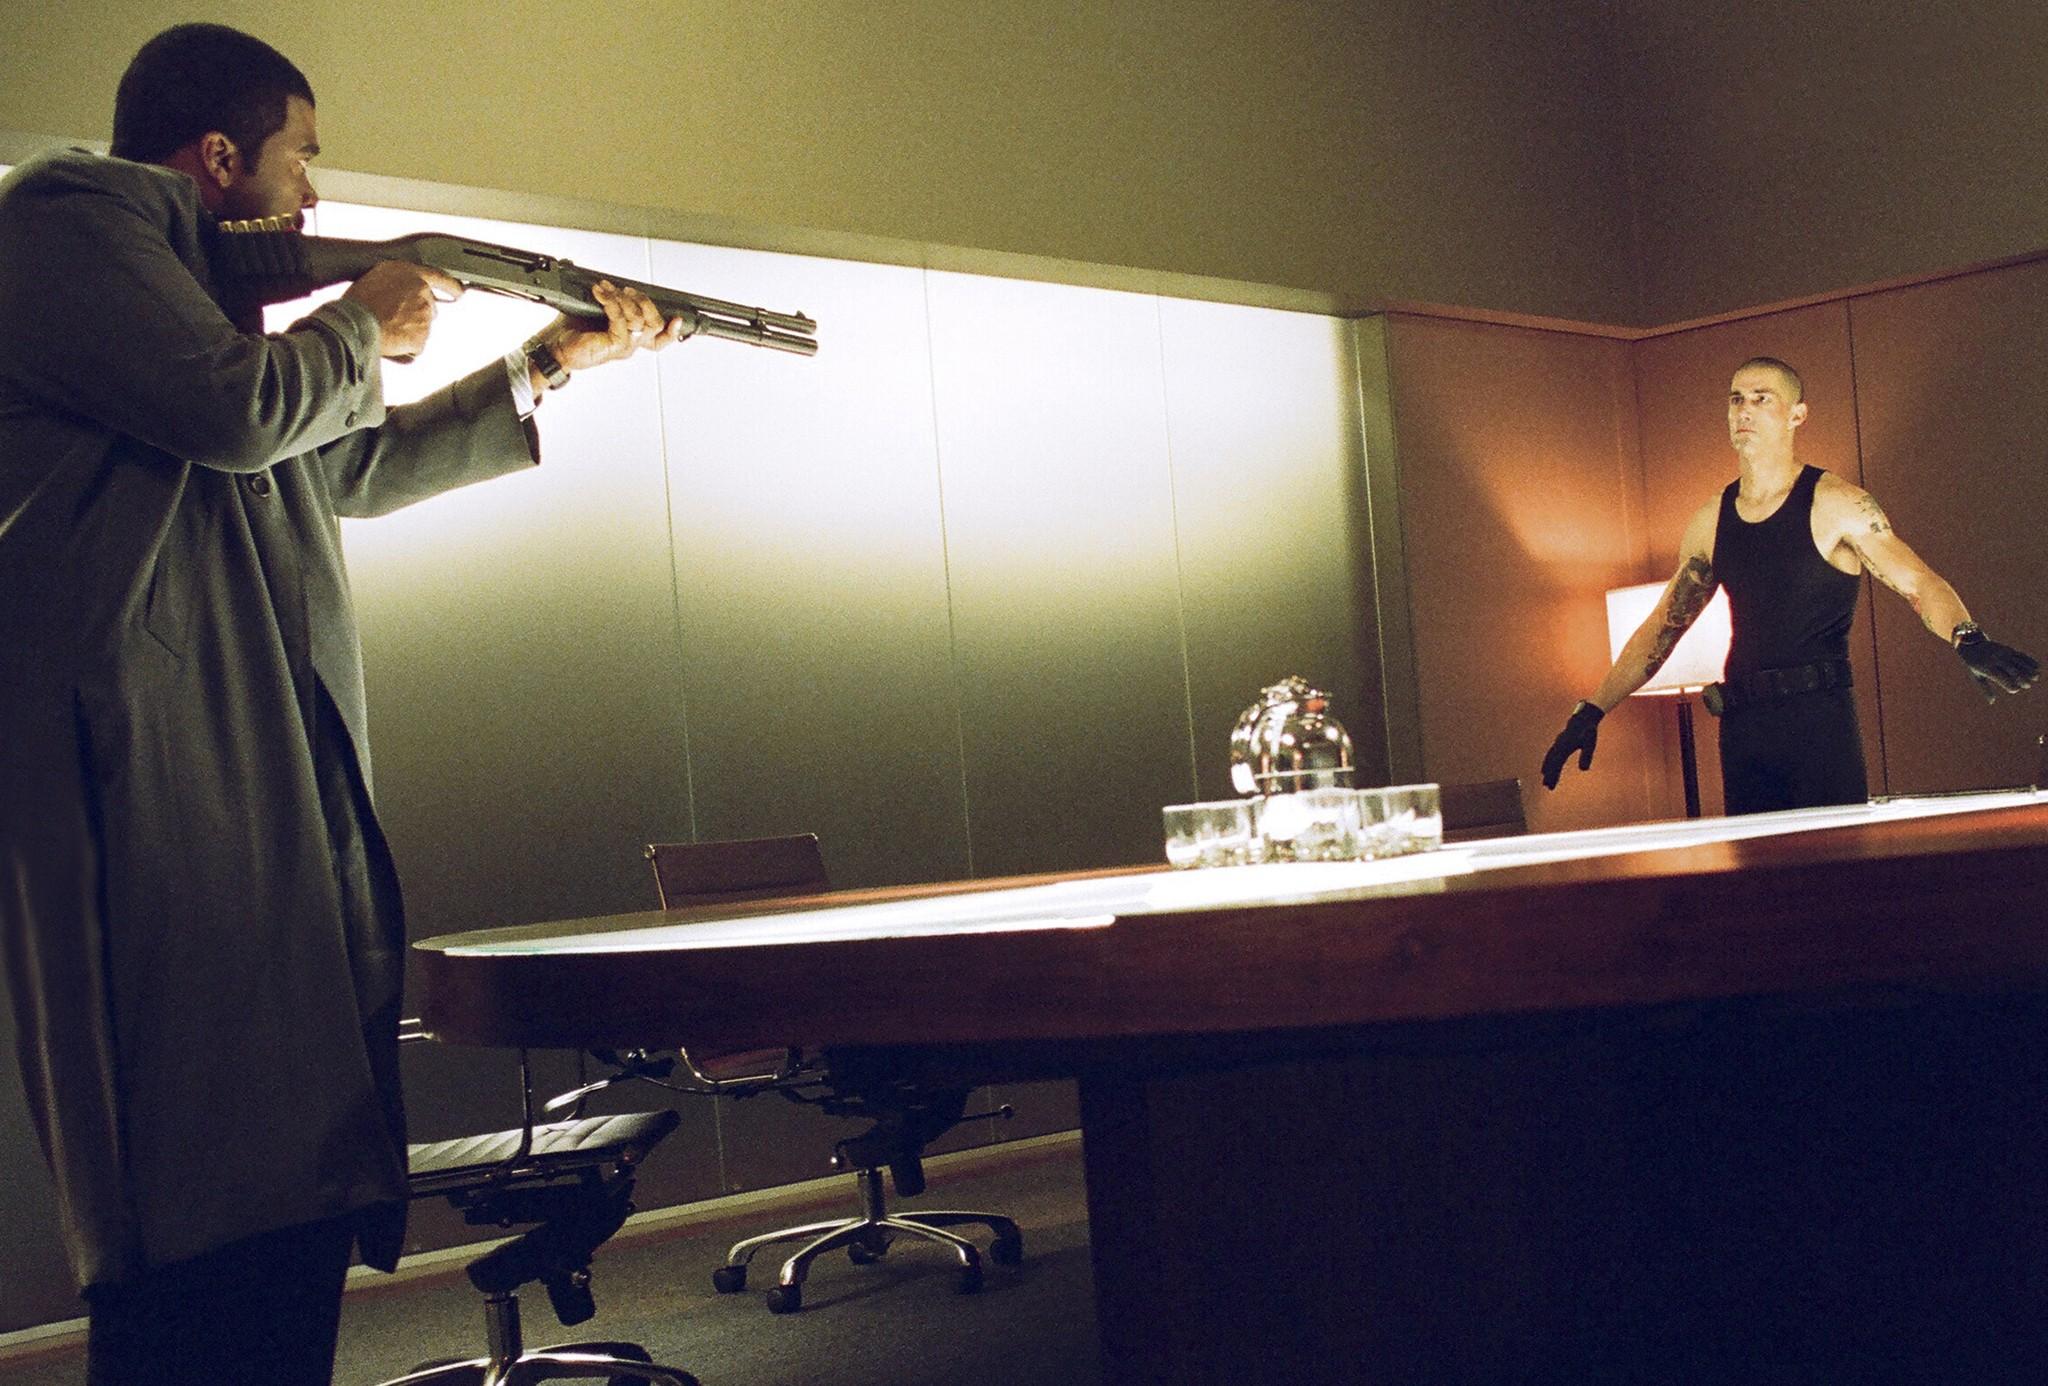 кадры из фильма Я, Алекс Кросс Тайлер Перри, Мэттью Фокс,